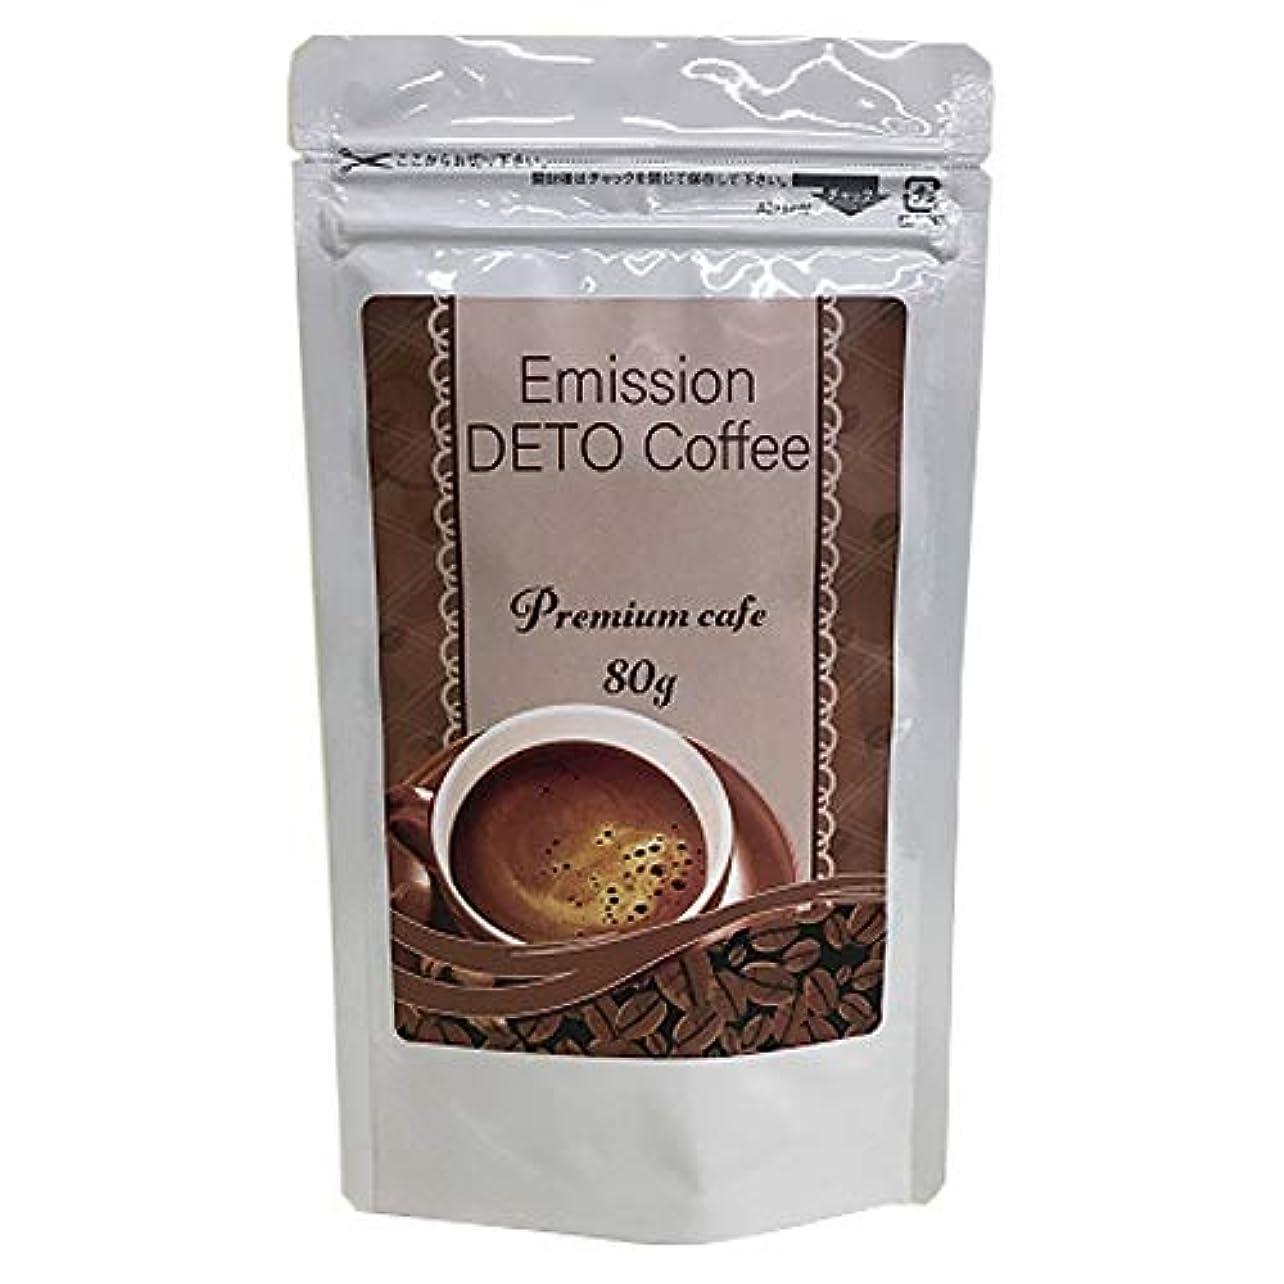 処理はねかける申請中エミッションデトコーヒー ダイエットコーヒー